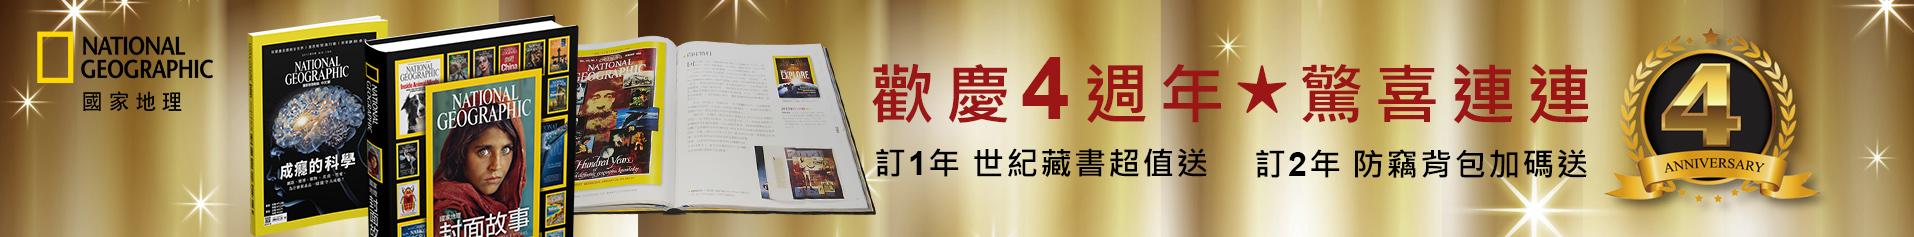 '2017-10-歡慶4週年,驚喜連連!